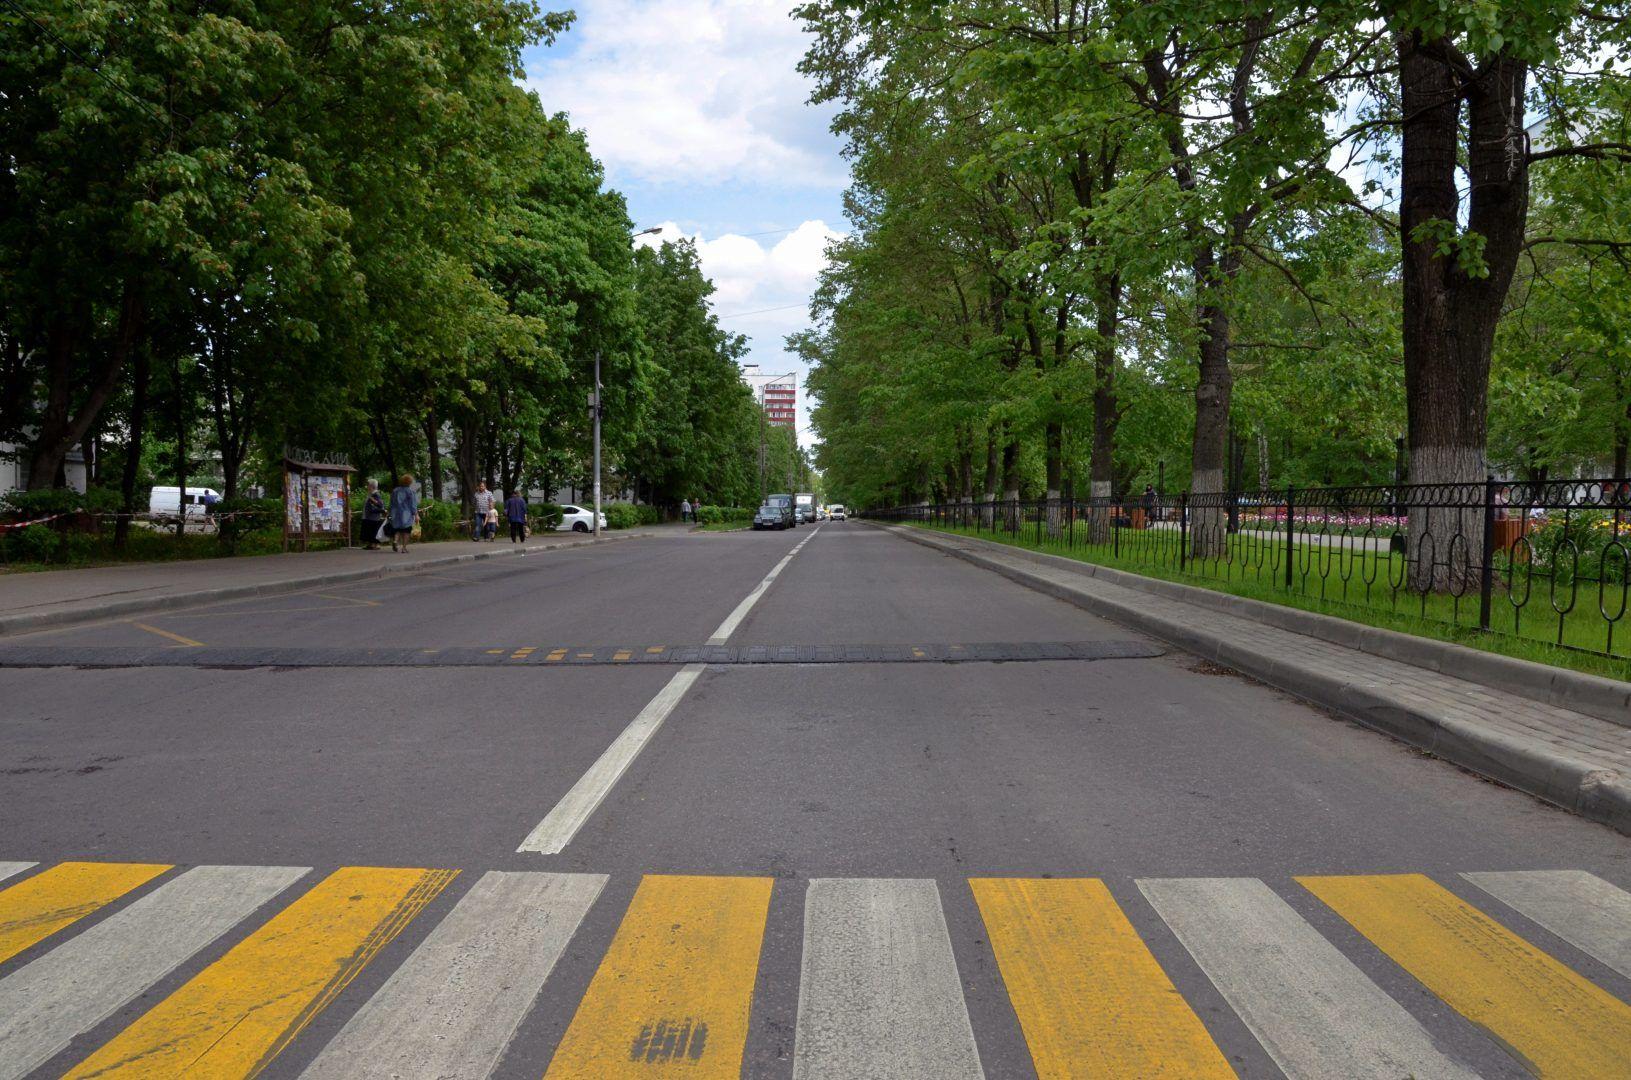 Следующий этап ремонта дорог начали в поселении Внуковское. Фото: Анна Быкова